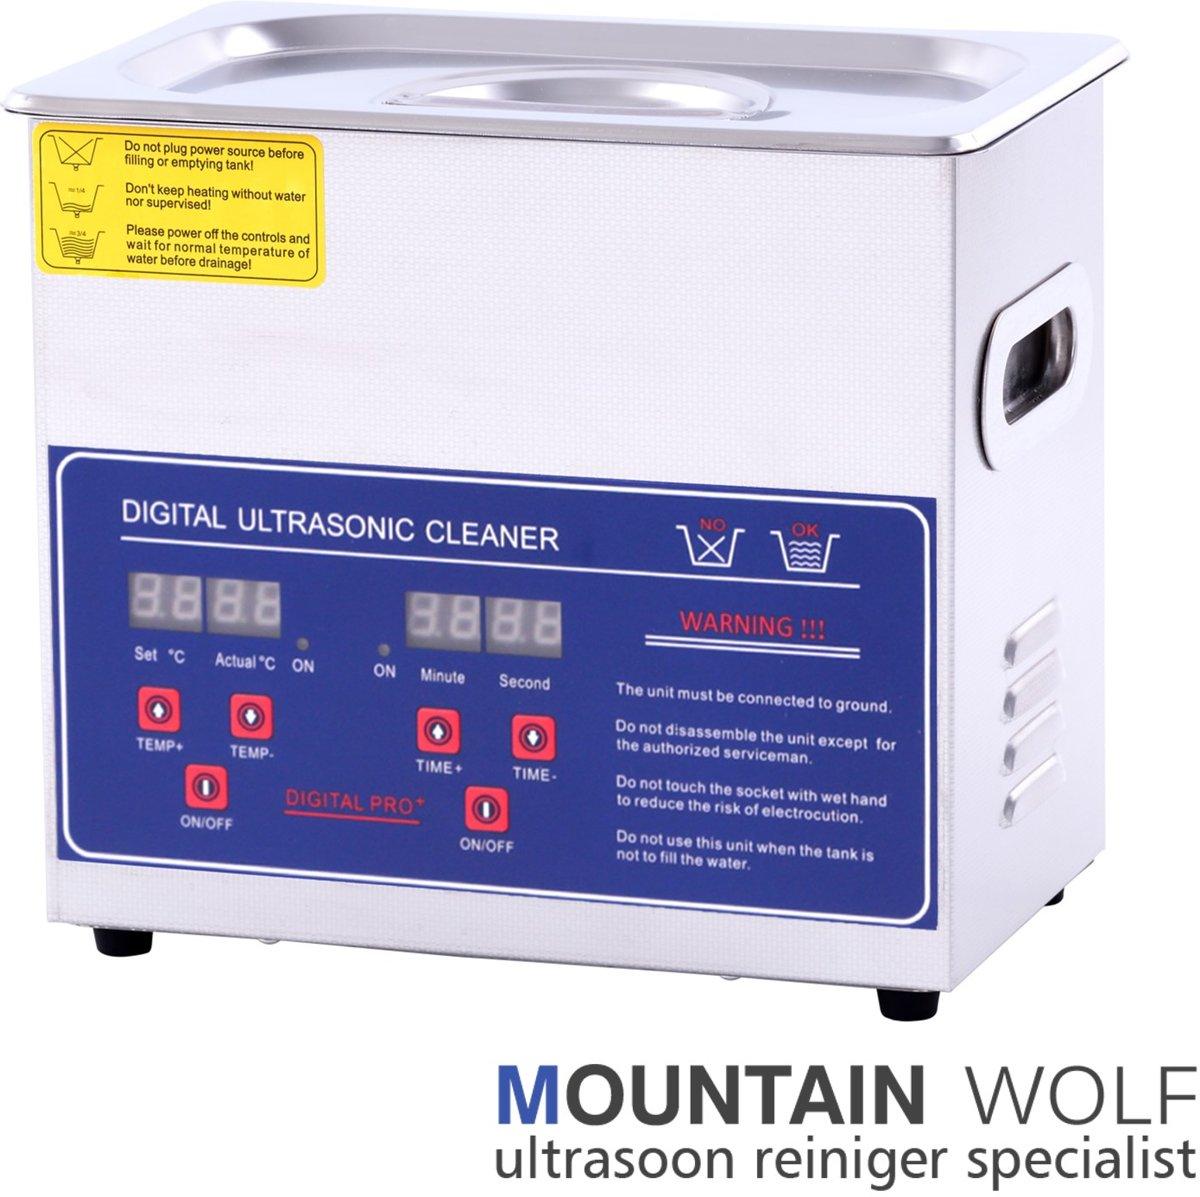 Ultrasoon reiniger 3 Liter - (Ultrasone Reinigingsmachine - Ultrasoonbad - Reinigingsbad - Reinigingsbak - Ultrasoonbak - Ultrasonic Cleaner - Reinigings bad - bak) kopen